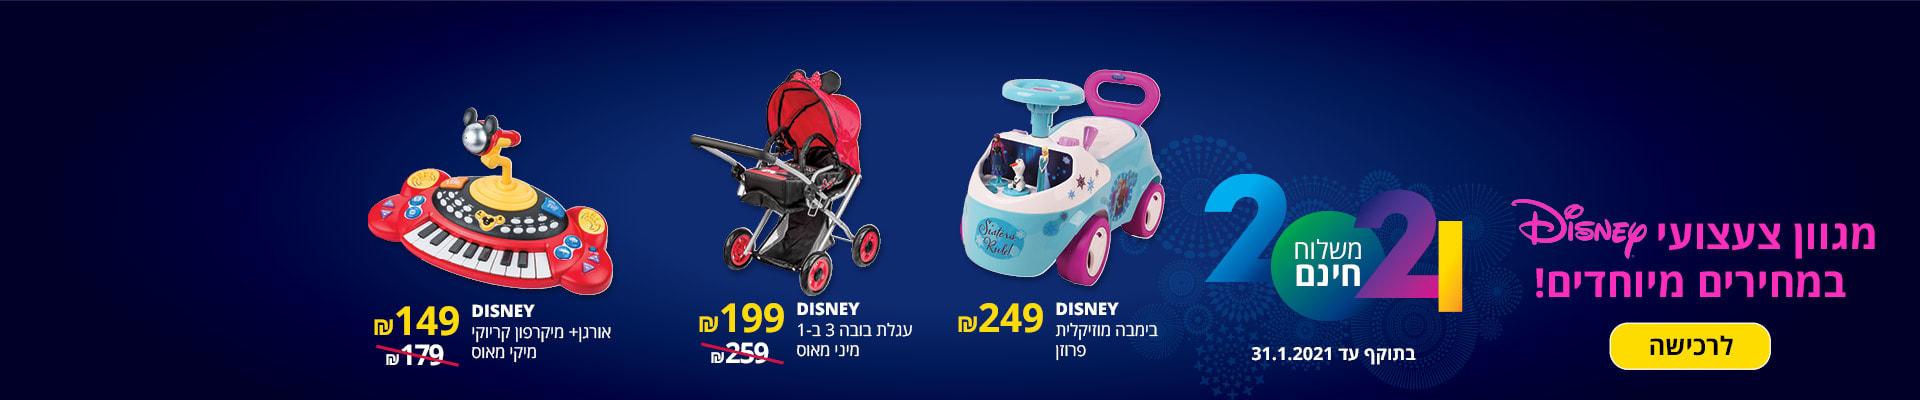 מגוון צעצועי DISNEY במחירים מיוחדים! בימבה מוזיקלית פרוזן 249 ₪, עגלת בובה 3 ב- 1 מיני מאוס 199 ₪, אורגן + מיקרופון קריוקי מיקי מאוס149₪ . בתוקף עד 31.1.2021